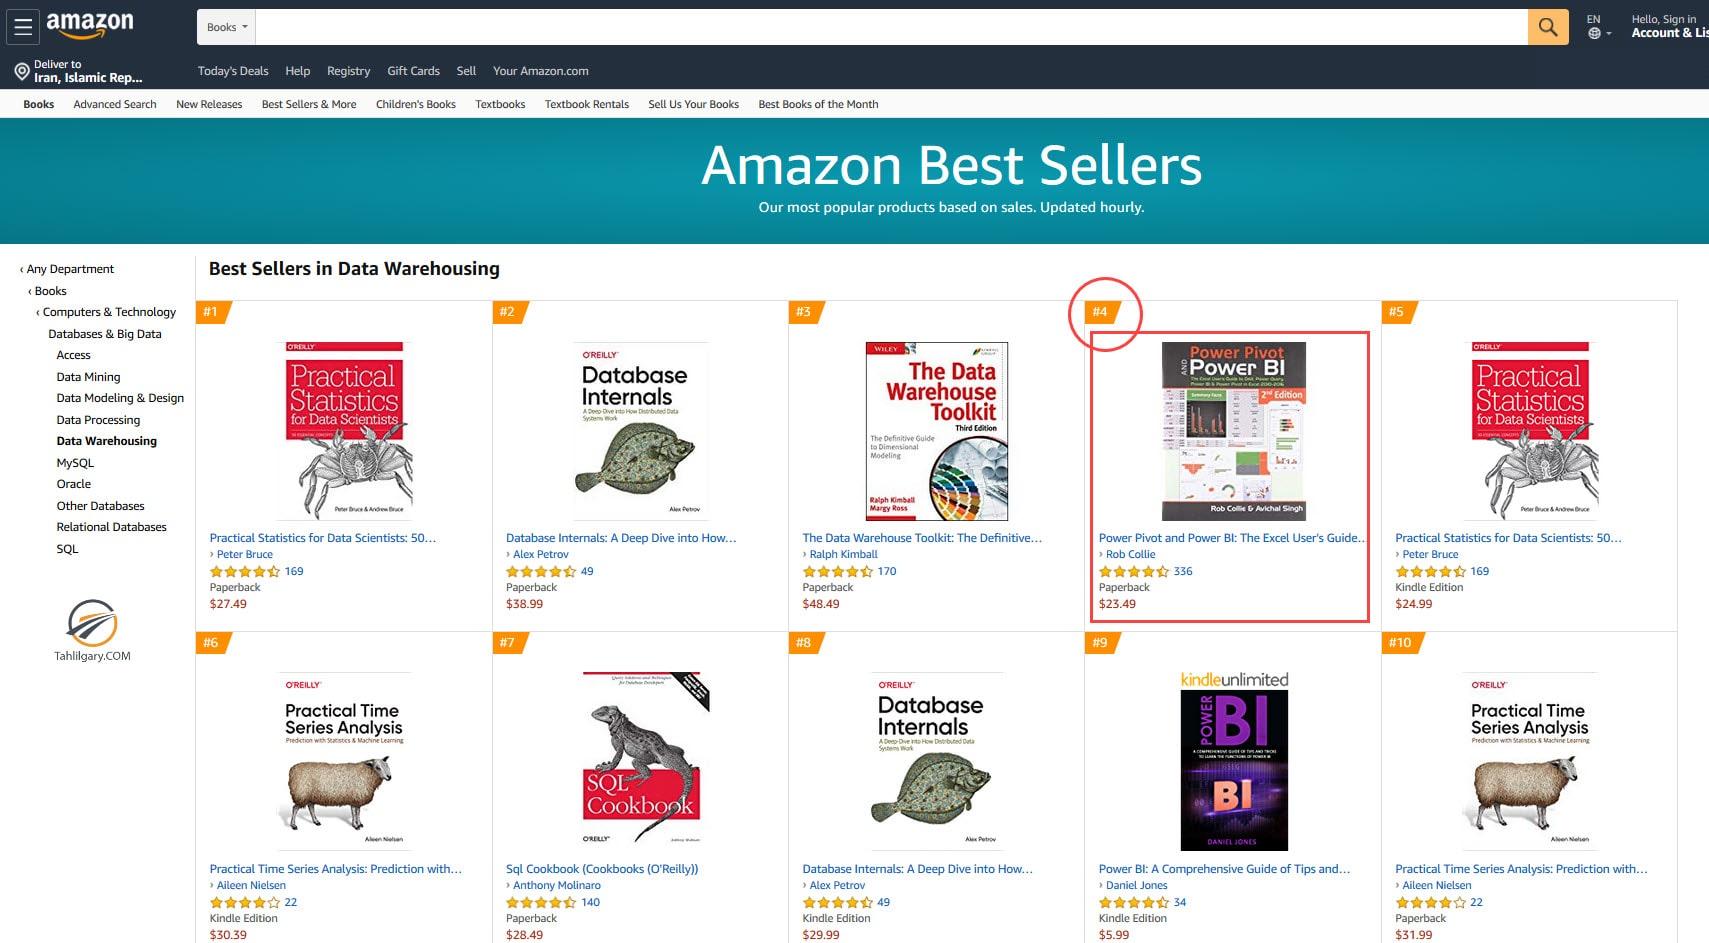 لیست کتاب ها در آمازون